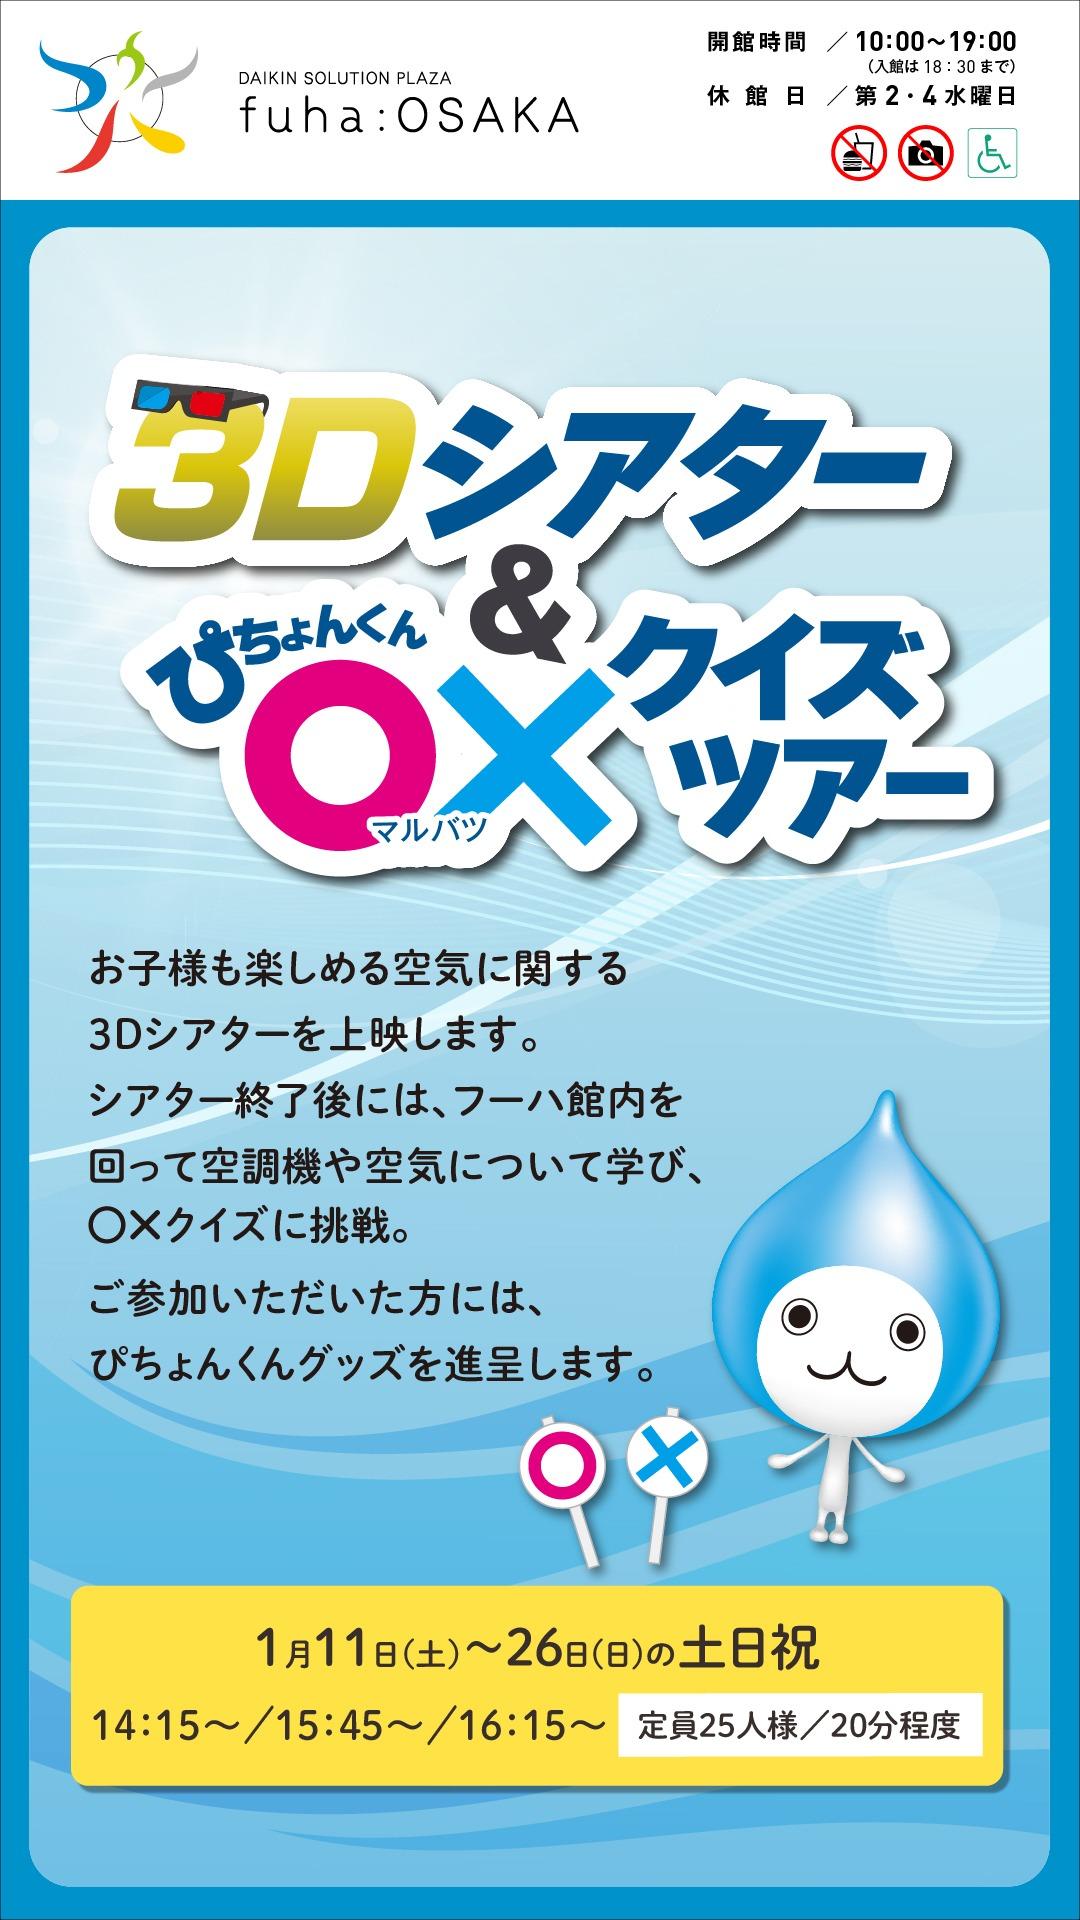 3Dシアター&ぴちょんくん〇×クイズツアー